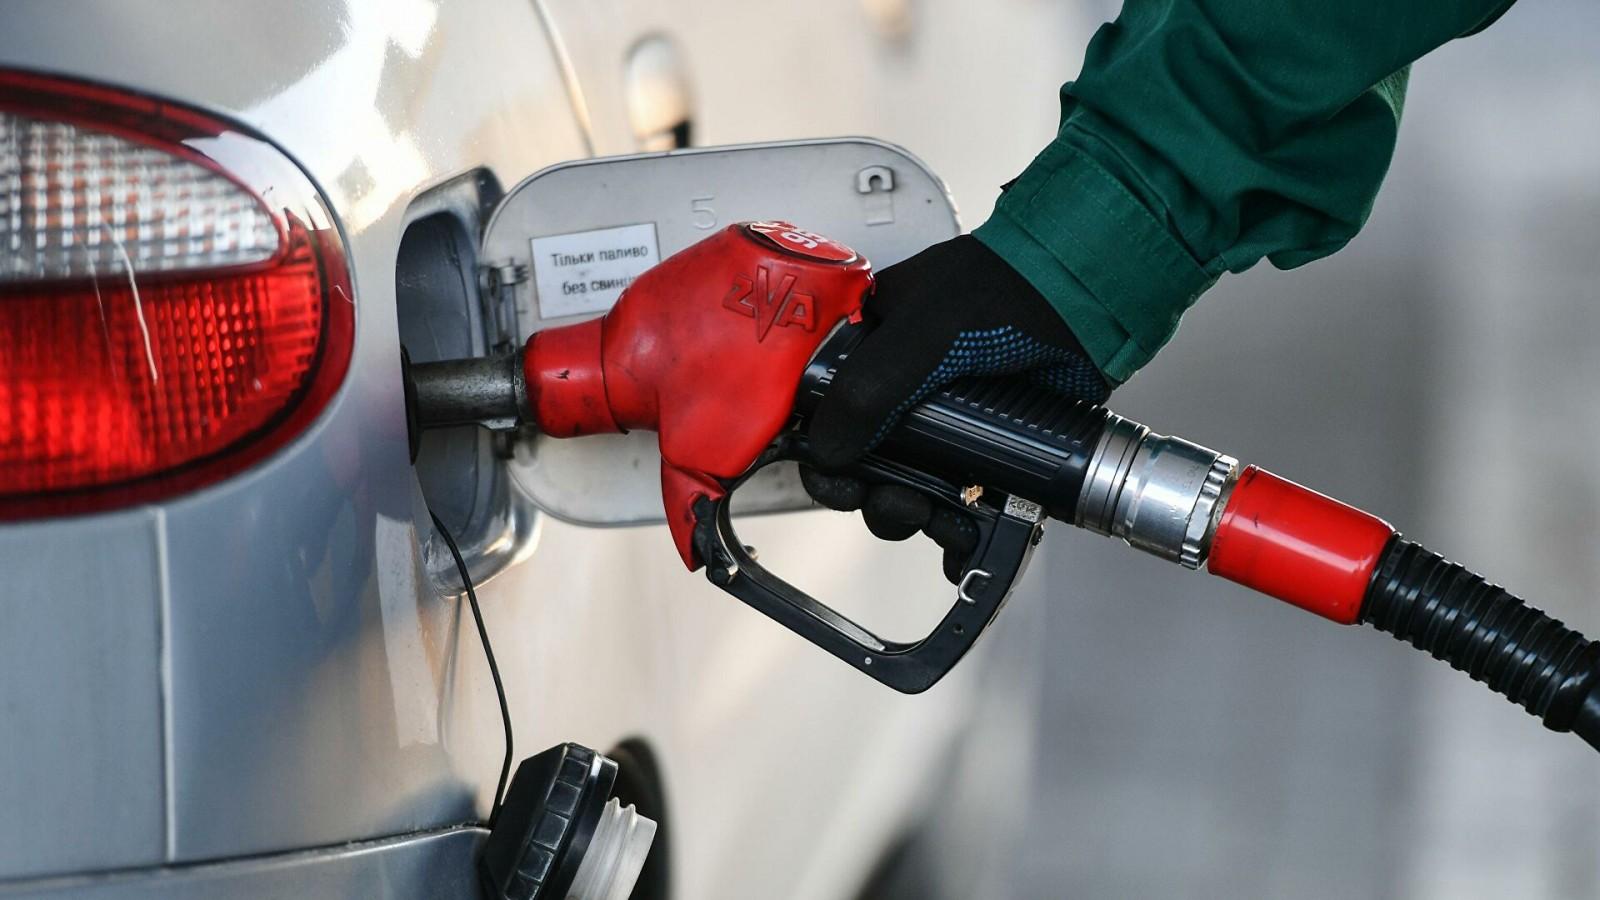 ФАС  выдала предупреждение одной из нефтяных компаний о снижении розничных цен на бензин